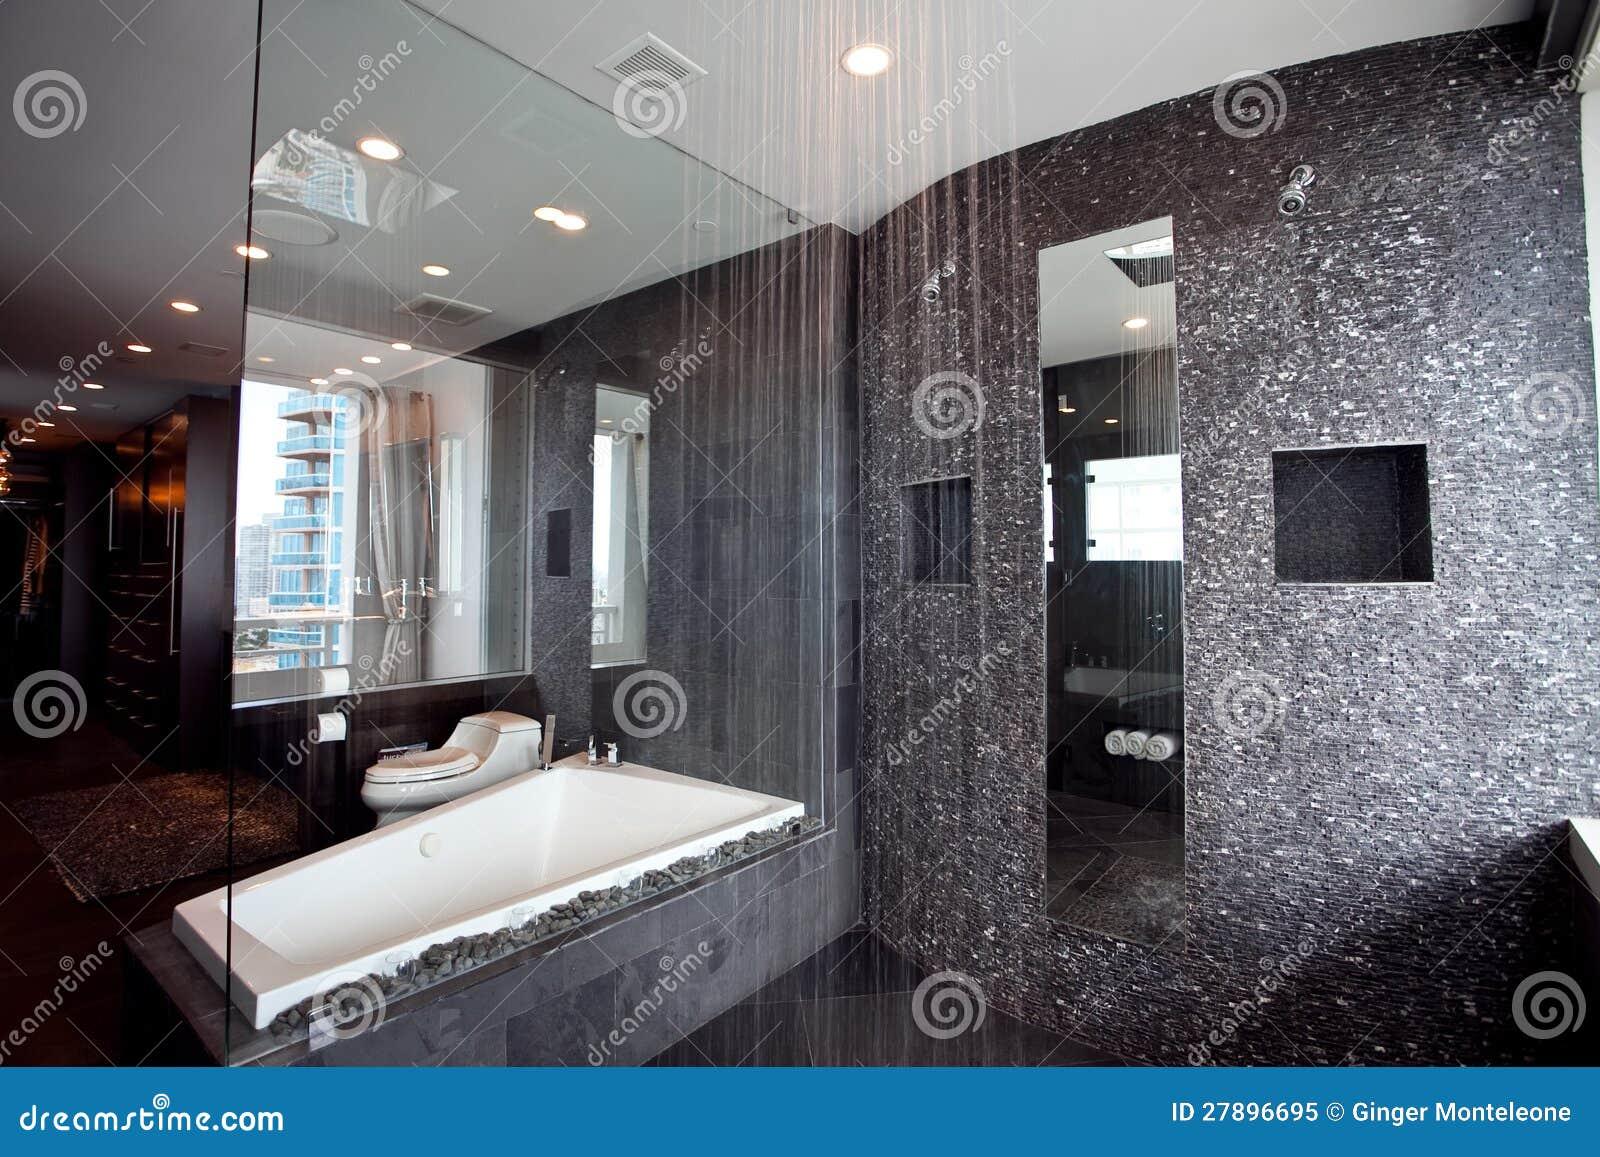 Regen Dusche Stockbild Bild Von Badewanne Standplatz 27896695